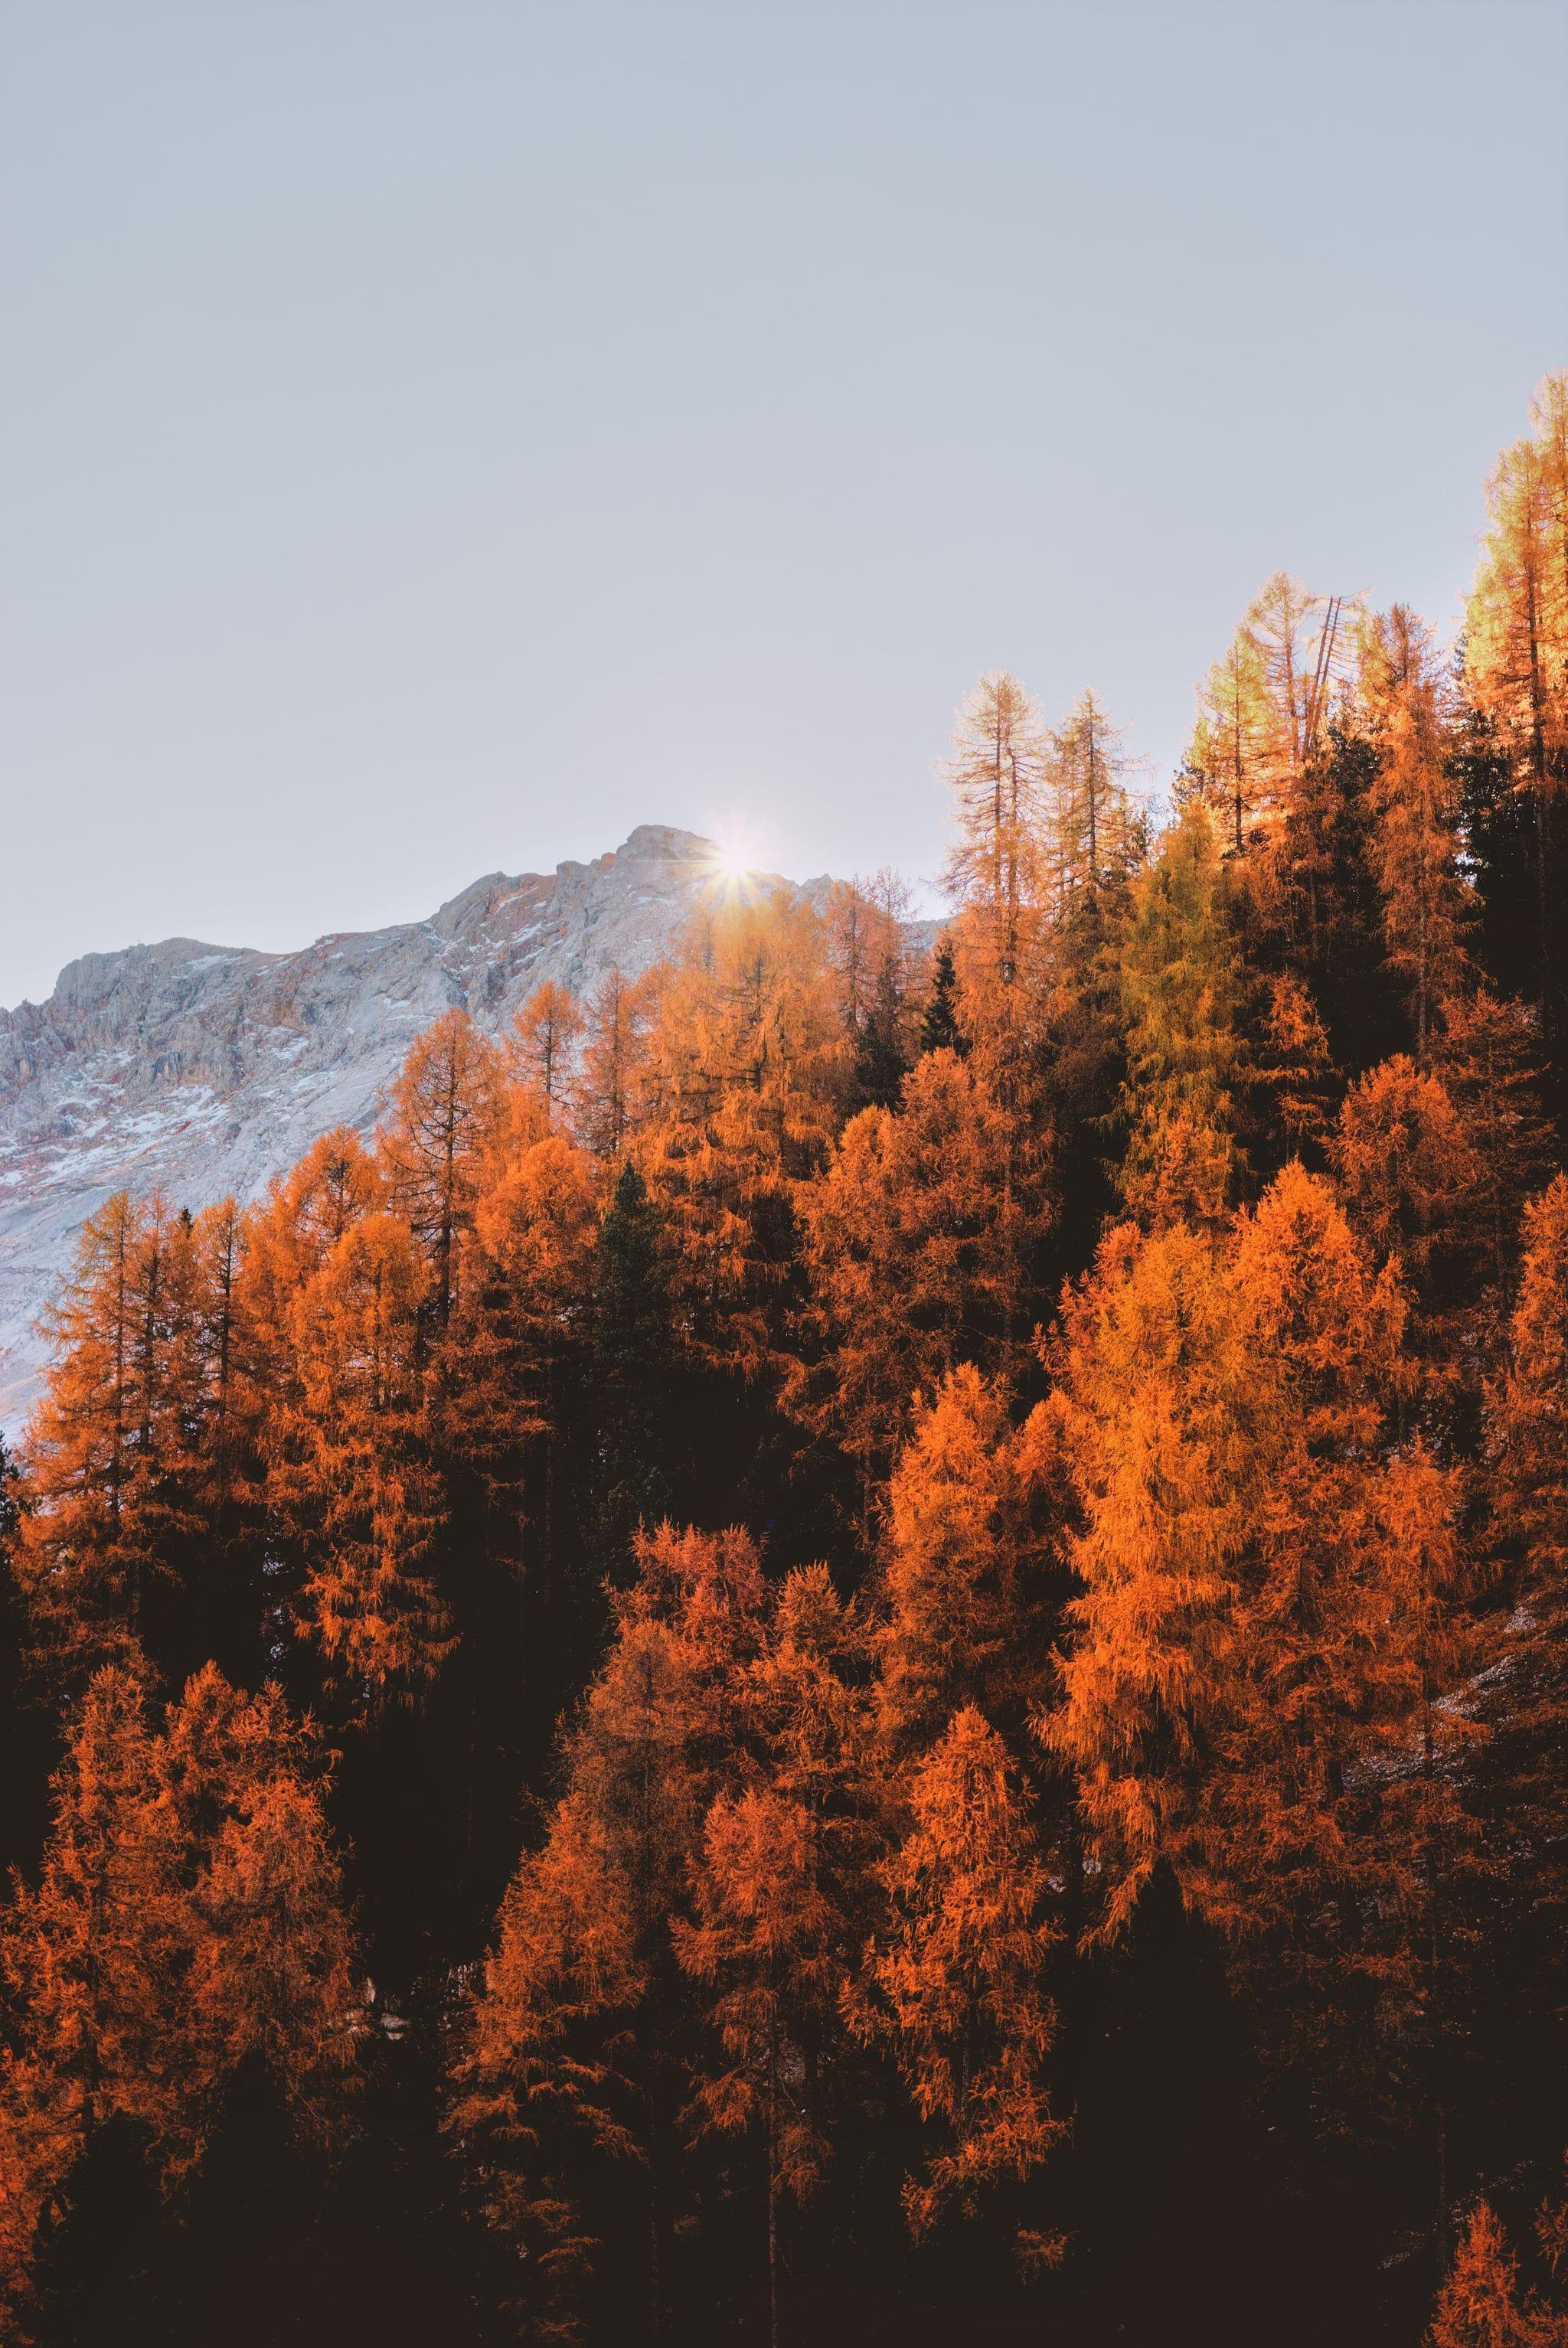 2048x3067 Rừng Hình Nền iPhone.  50 mùa thu Hình nền iPhone đó